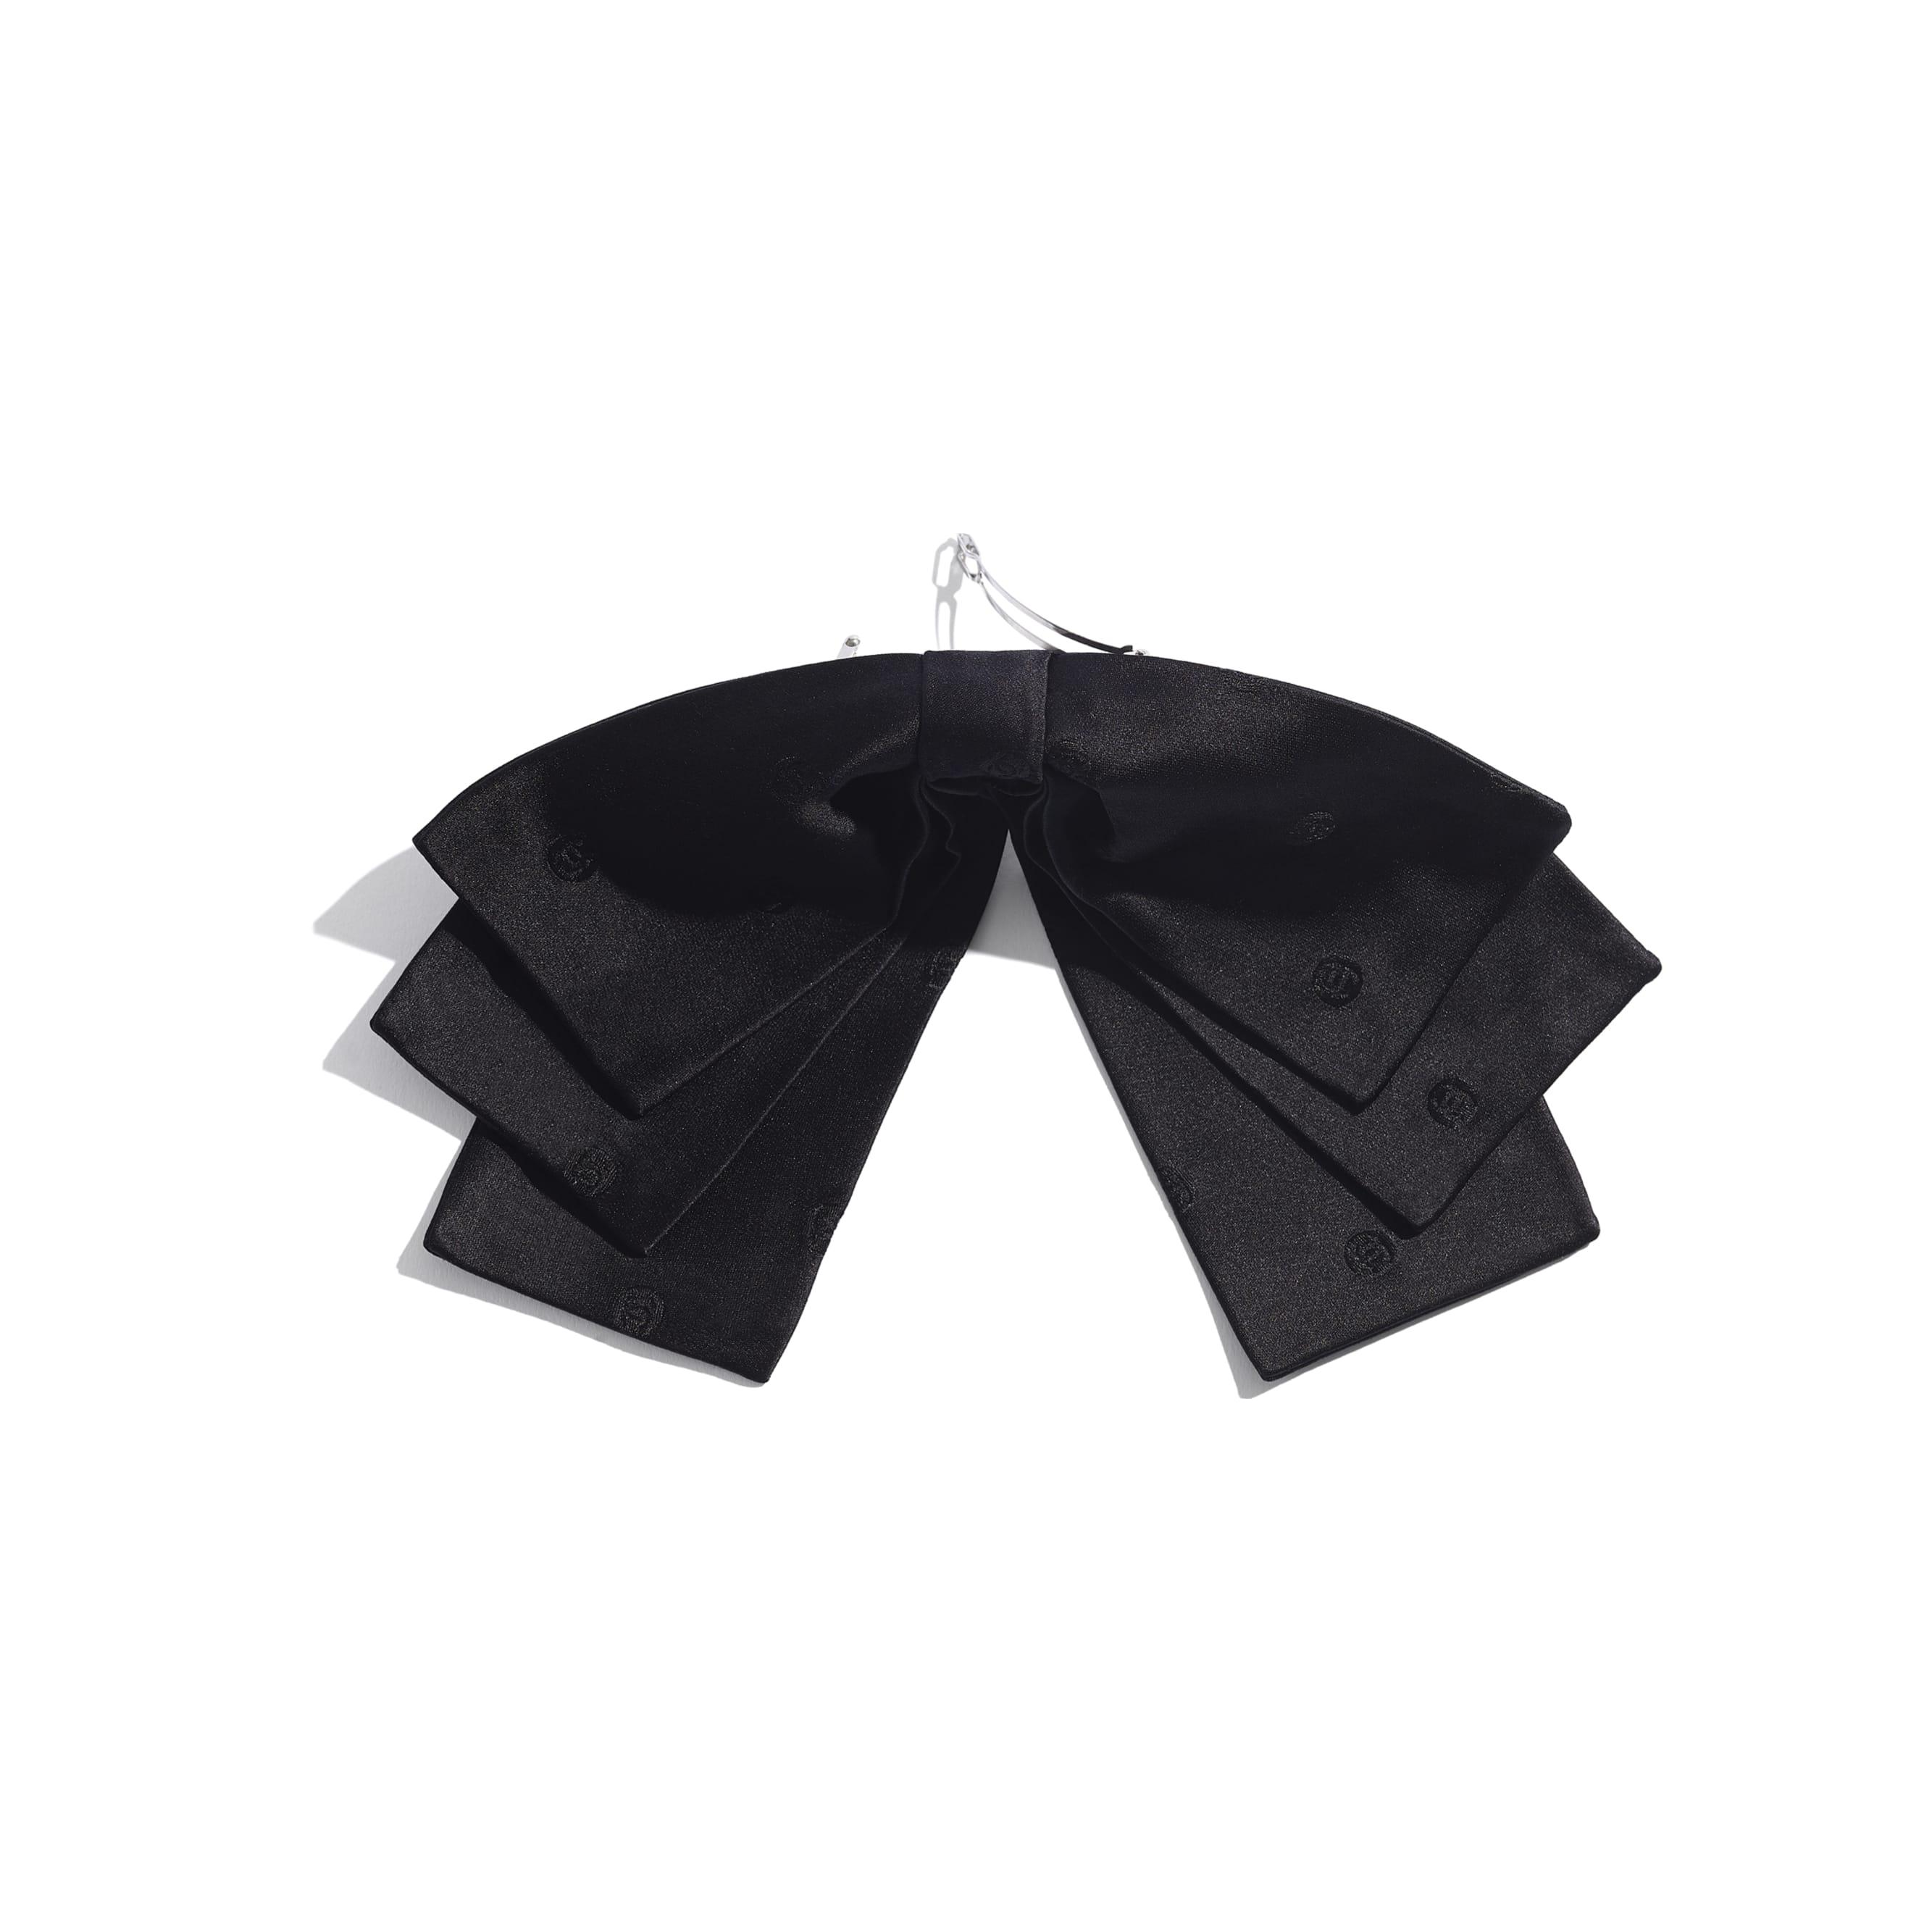 Klamra do włosów - Kolor czarny - Jedwab - CHANEL - Widok alternatywny – zobacz w standardowym rozmiarze